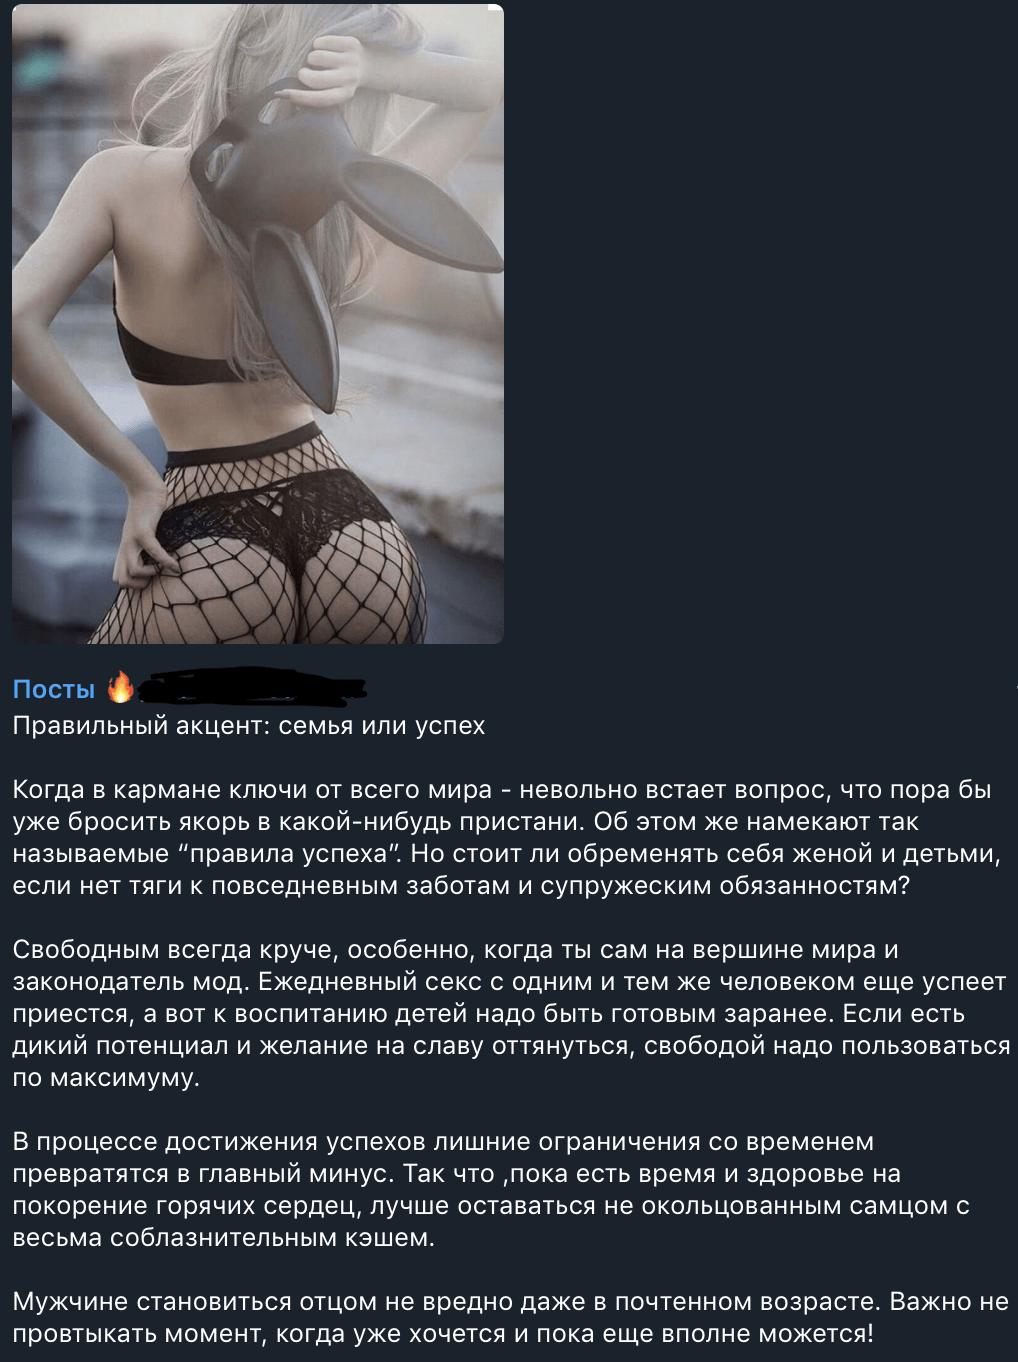 Пример поста для Telegram #74 – Пост для Telegram на тему содержанок